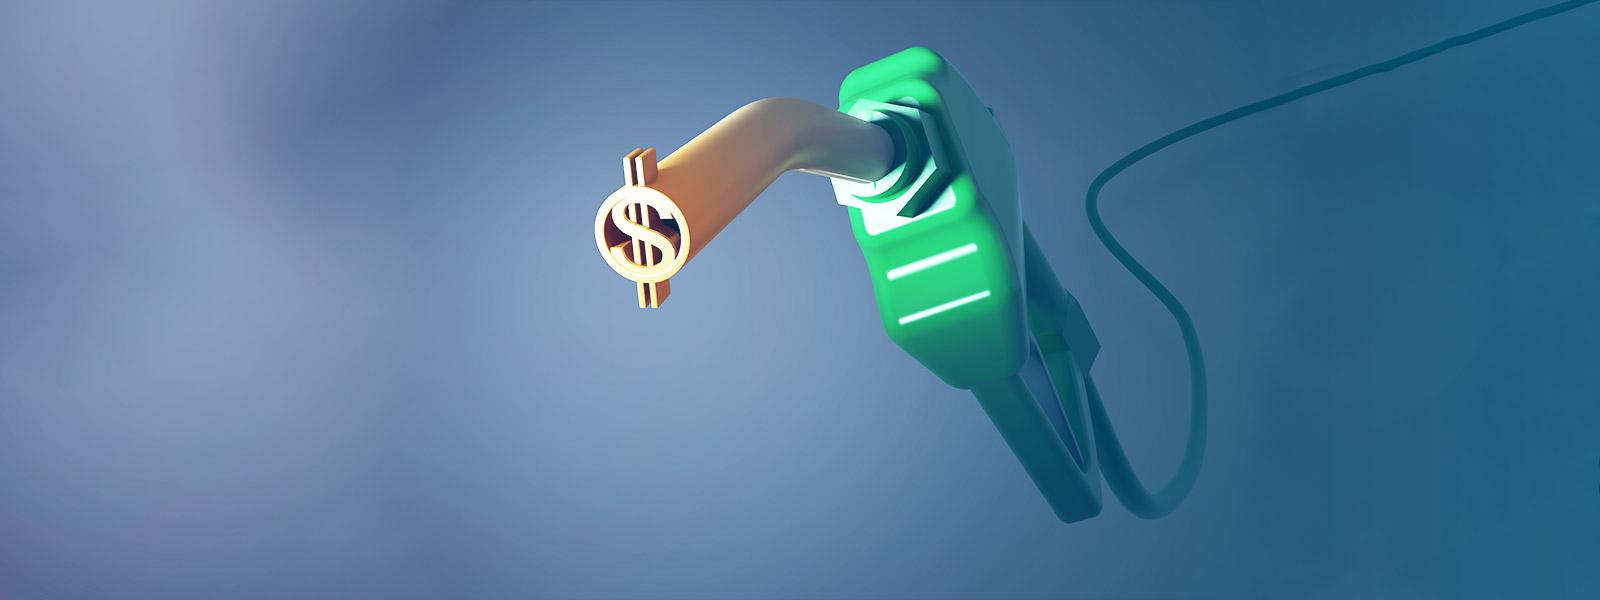 Saiba como economizar o combustível do carro